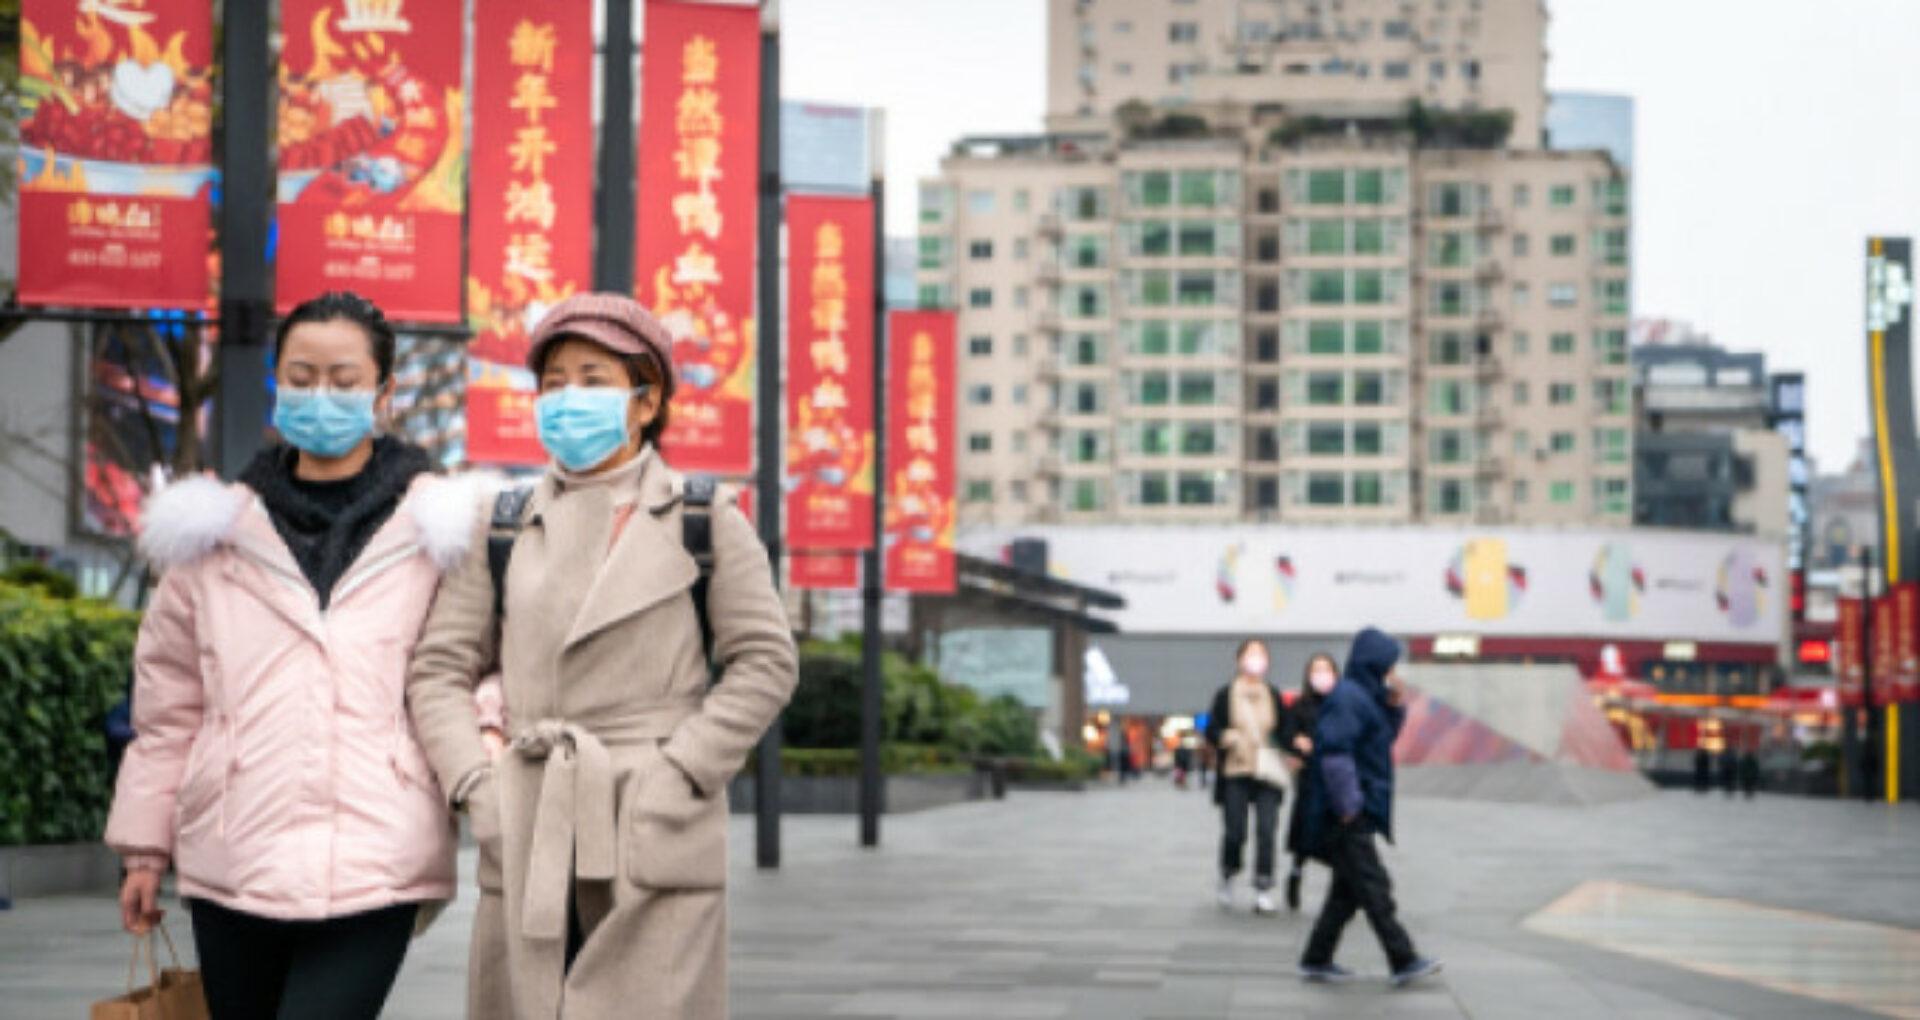 China a refuzat să ofere Organizației Mondiale a Sănătății datele neprelucrate despre primele cazuri de Covid-19